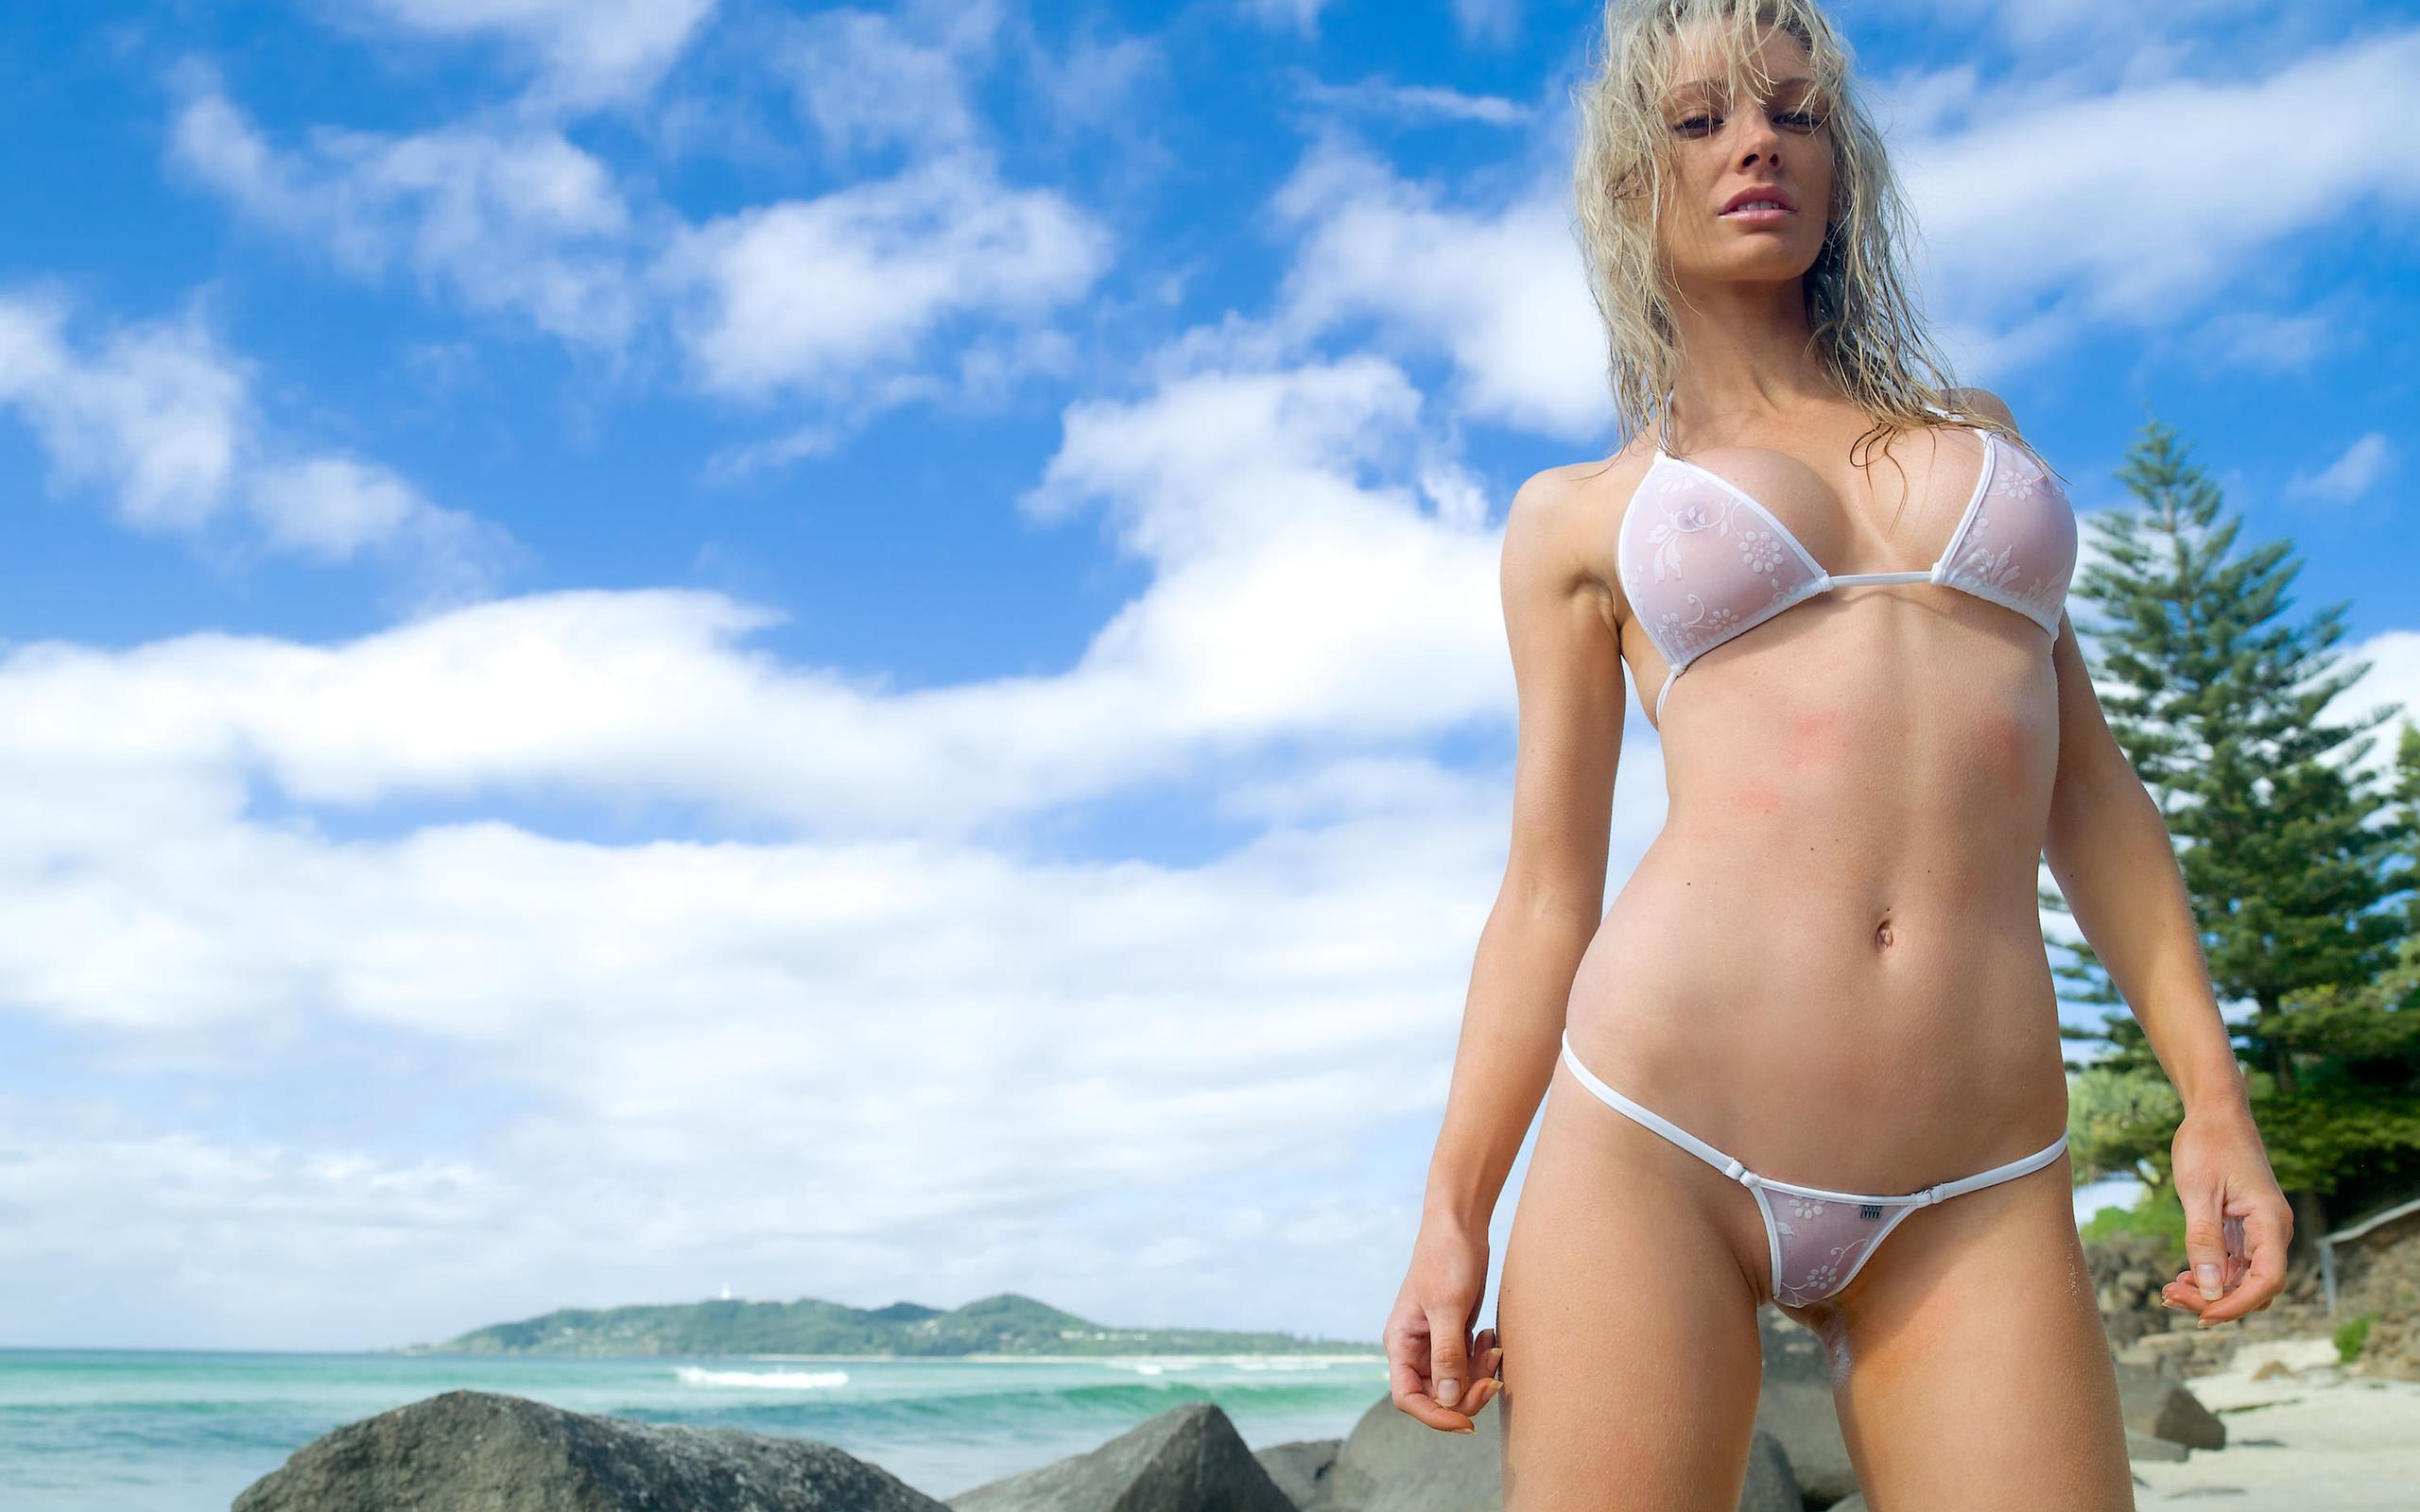 Порно прозрачные купальники фото секси камера